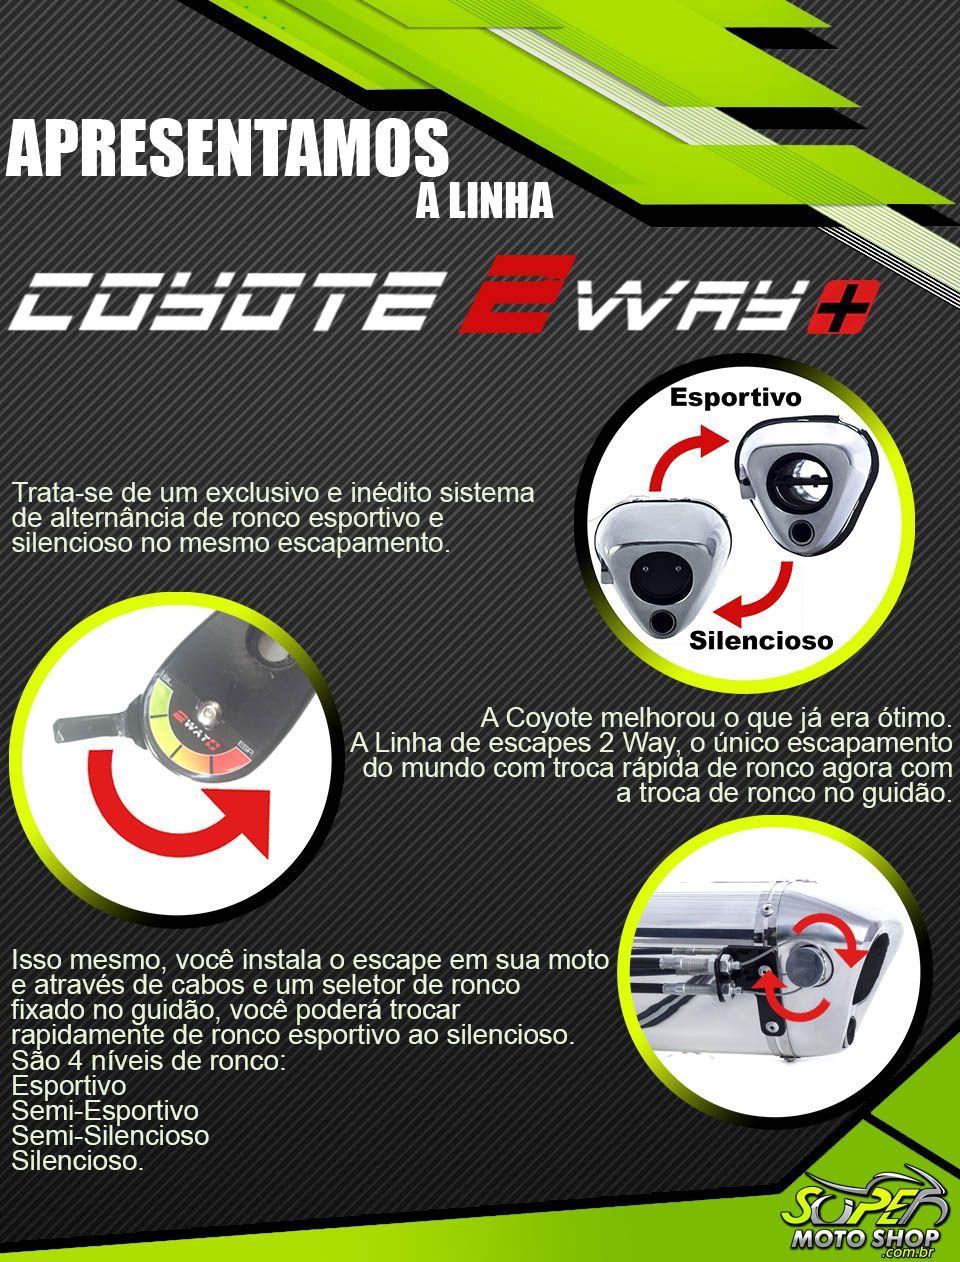 Escape / Ponteira Coyote Modelo TRS 2 Way + Mais em Alumínio - Lander ABS 250 ano 2019 em Diante - Yamaha